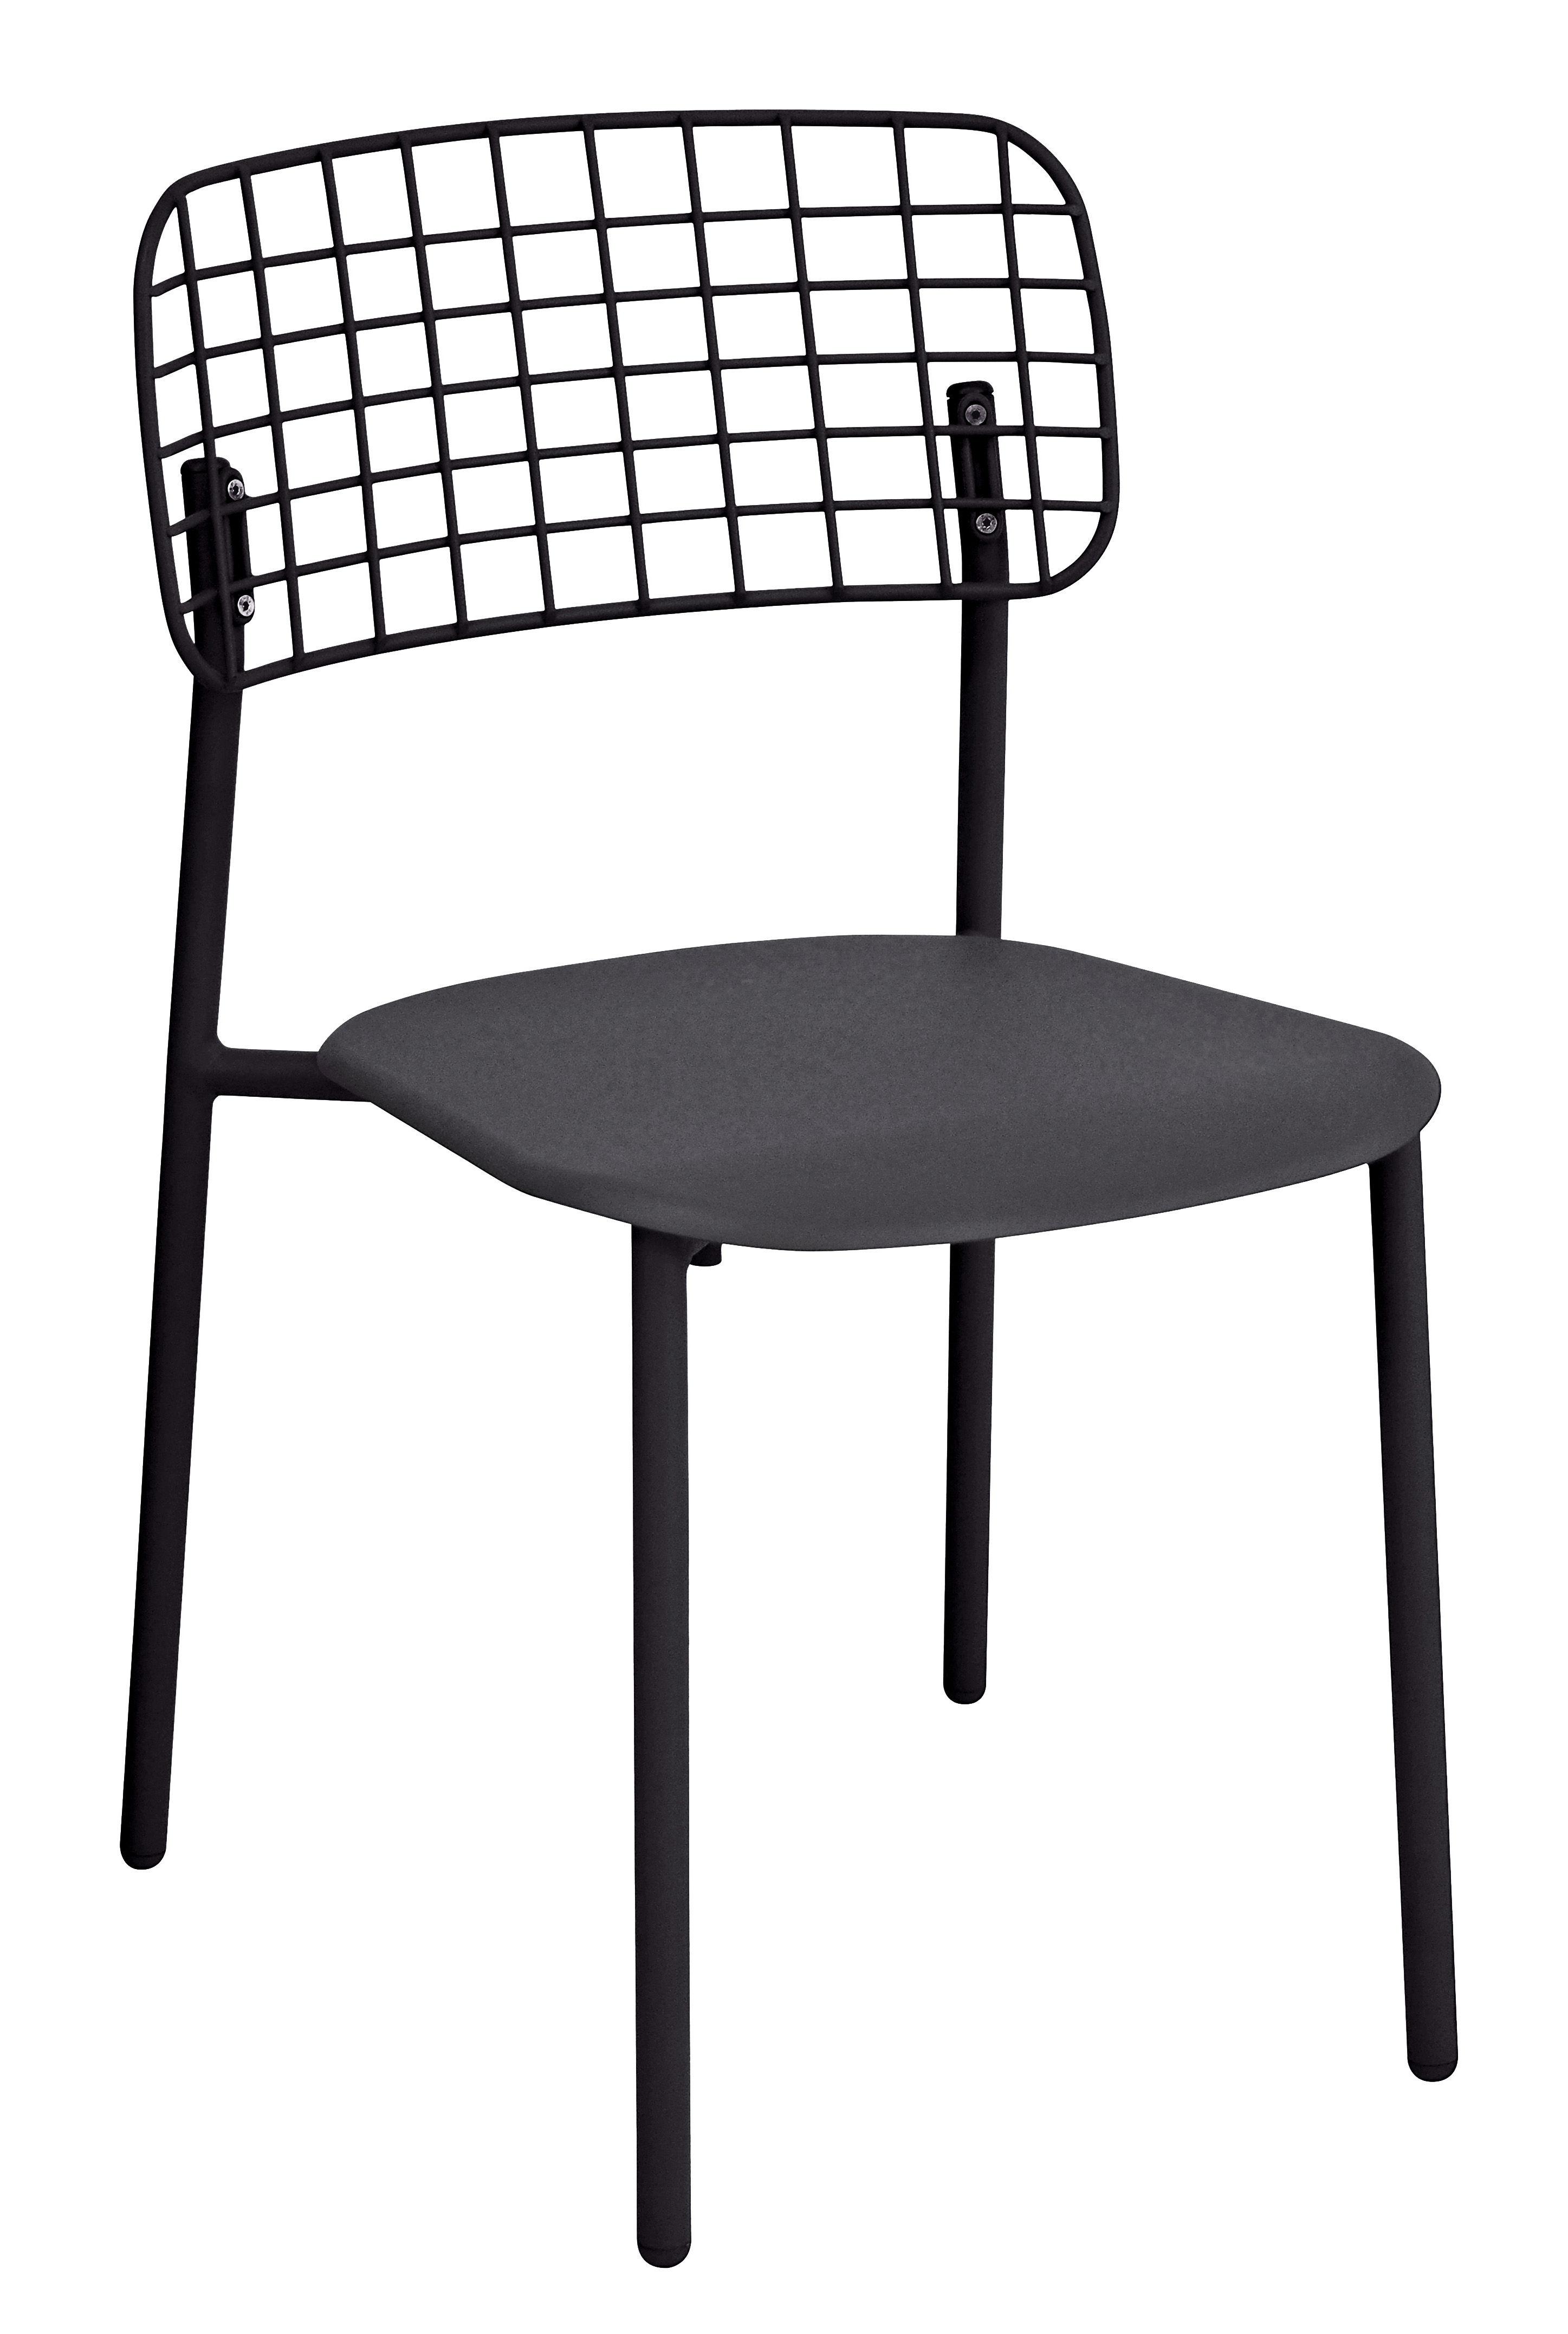 Mobilier - Chaises, fauteuils de salle à manger - Chaise empilable Lyze / Métal - Emu - Noir - Acier inoxydable verni, Aluminium verni